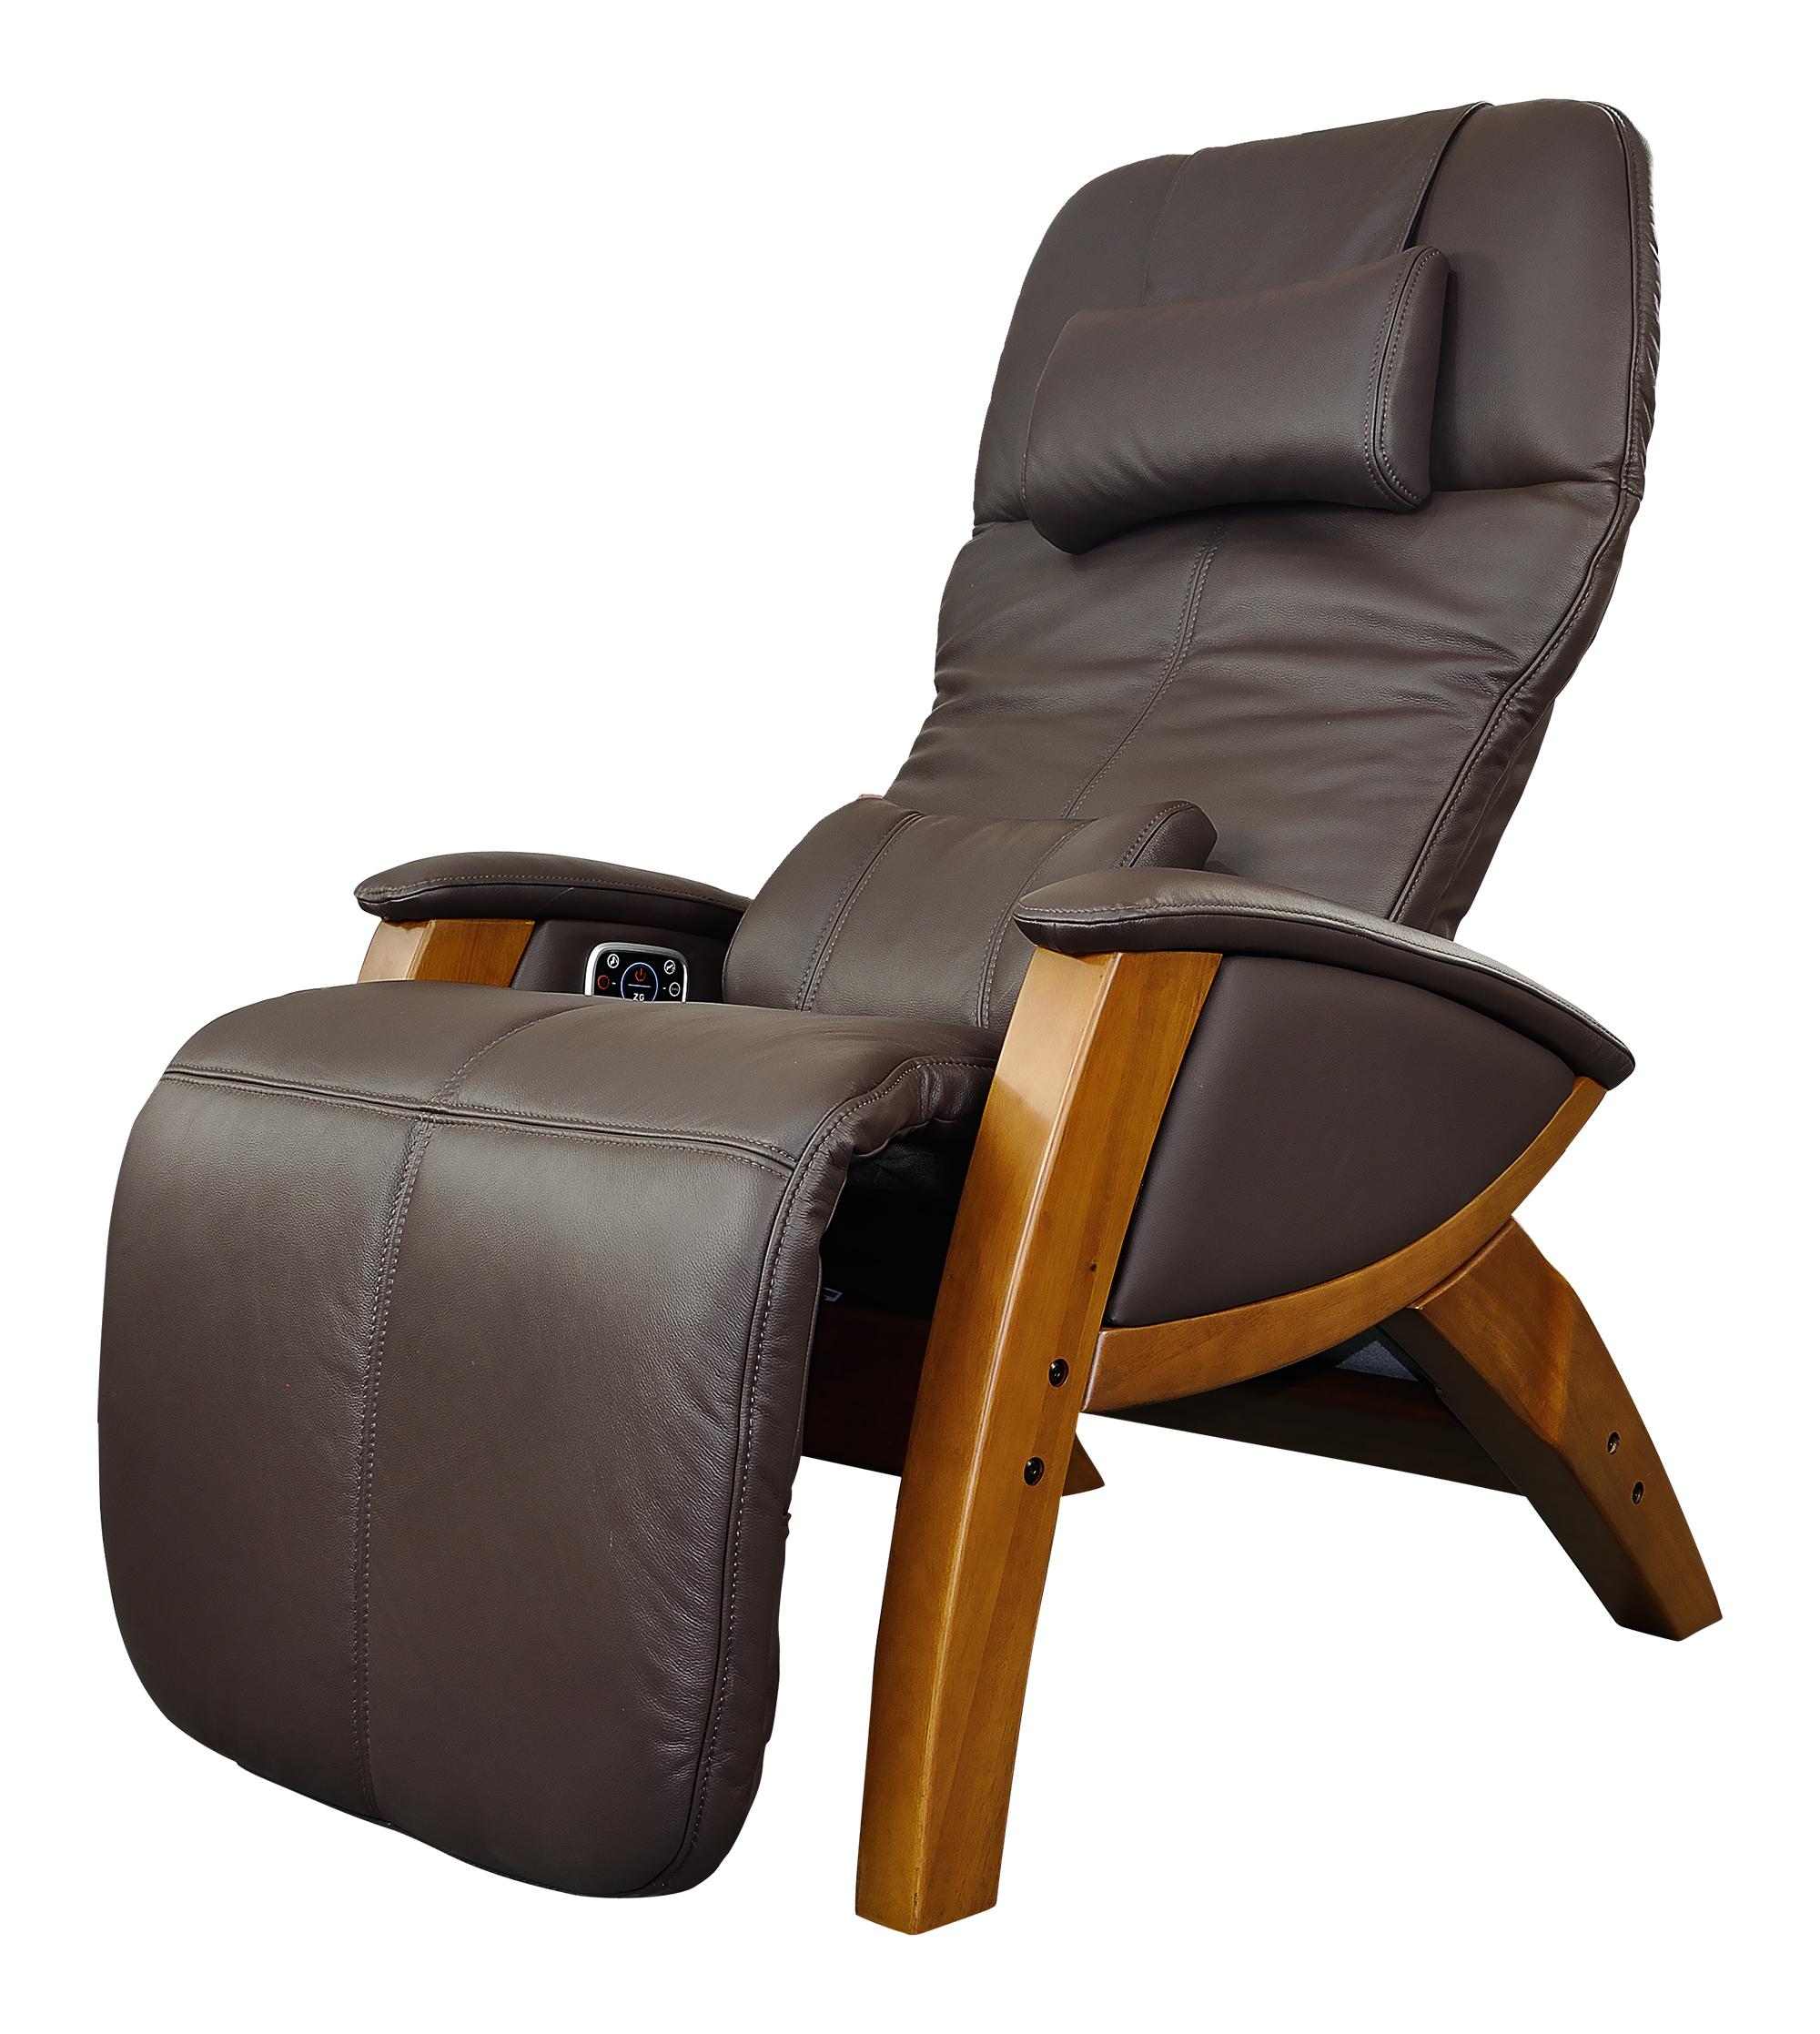 Svago SV410 Benessere Zero Gravity Leather Recliner Chair